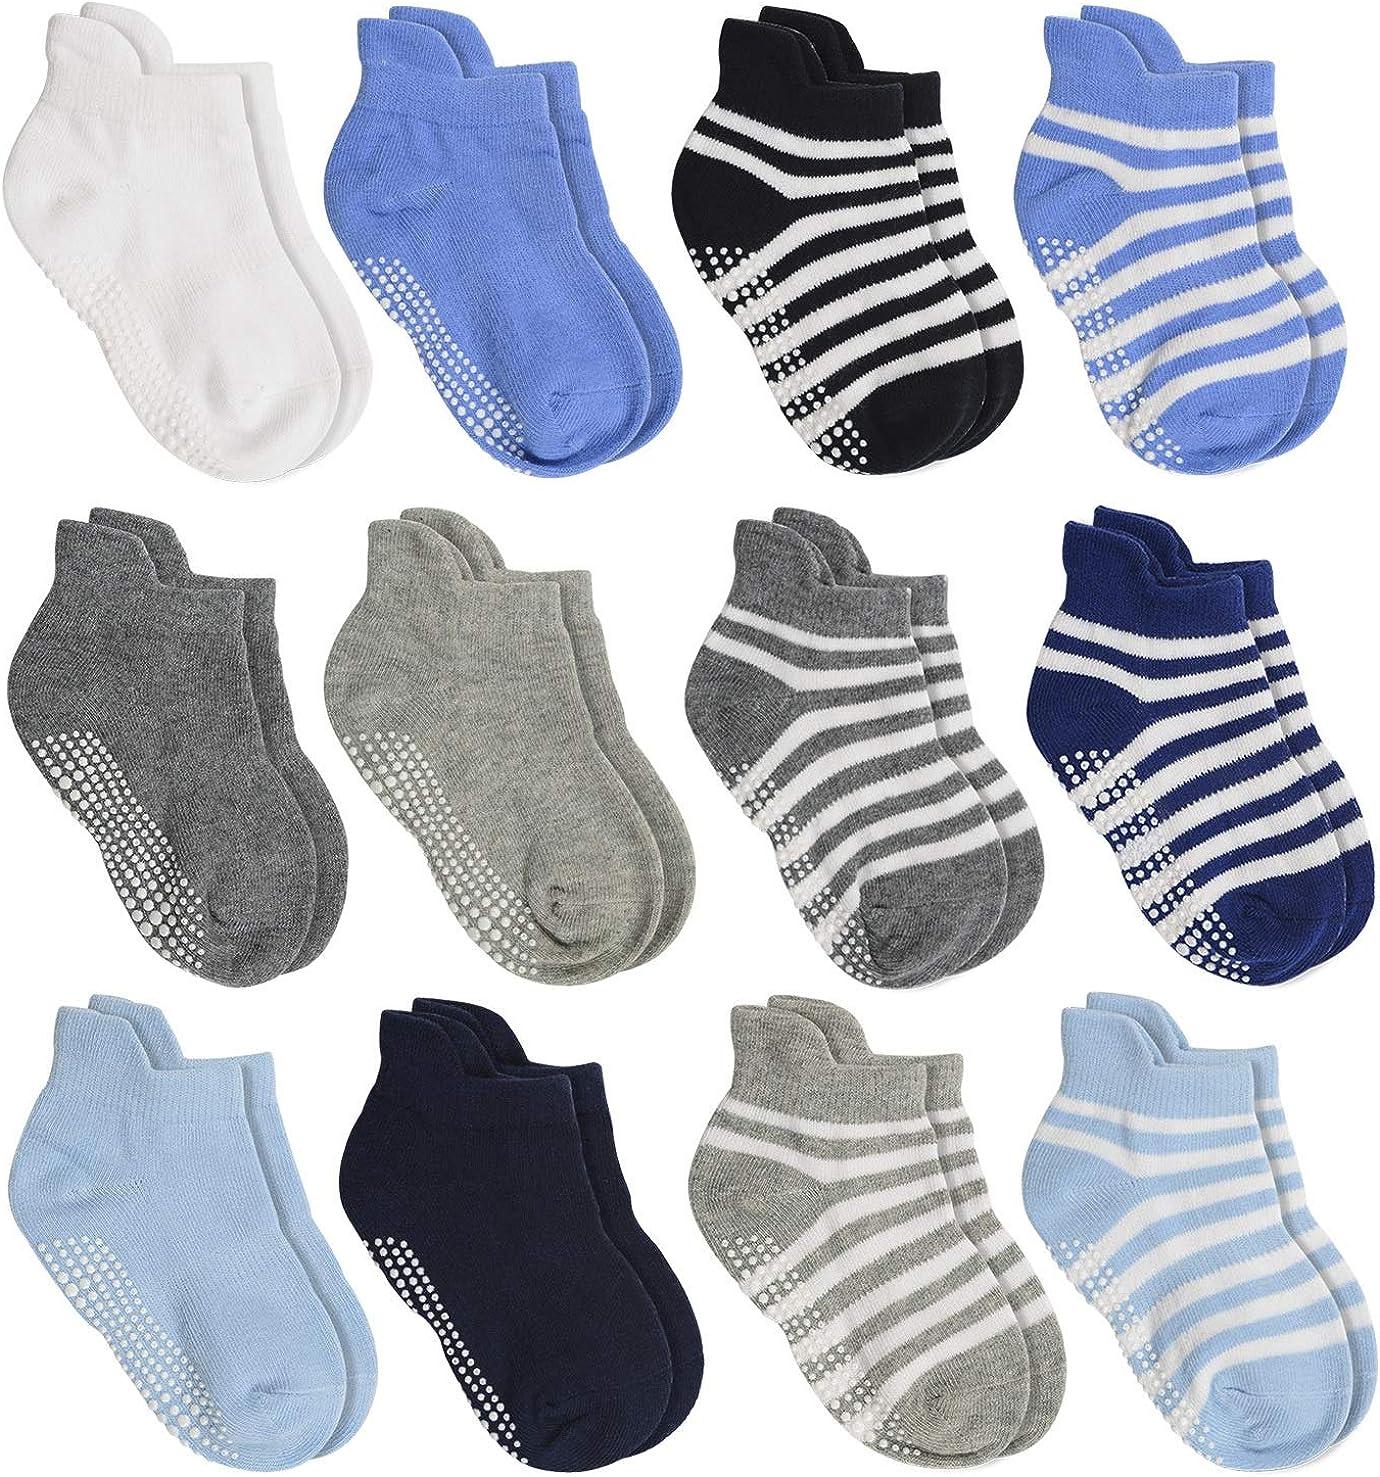 WELMOR Anti Slip Non Skid/Ankle Socks With Grips for Baby Toddler Kids Boys Girls 12 Pairs